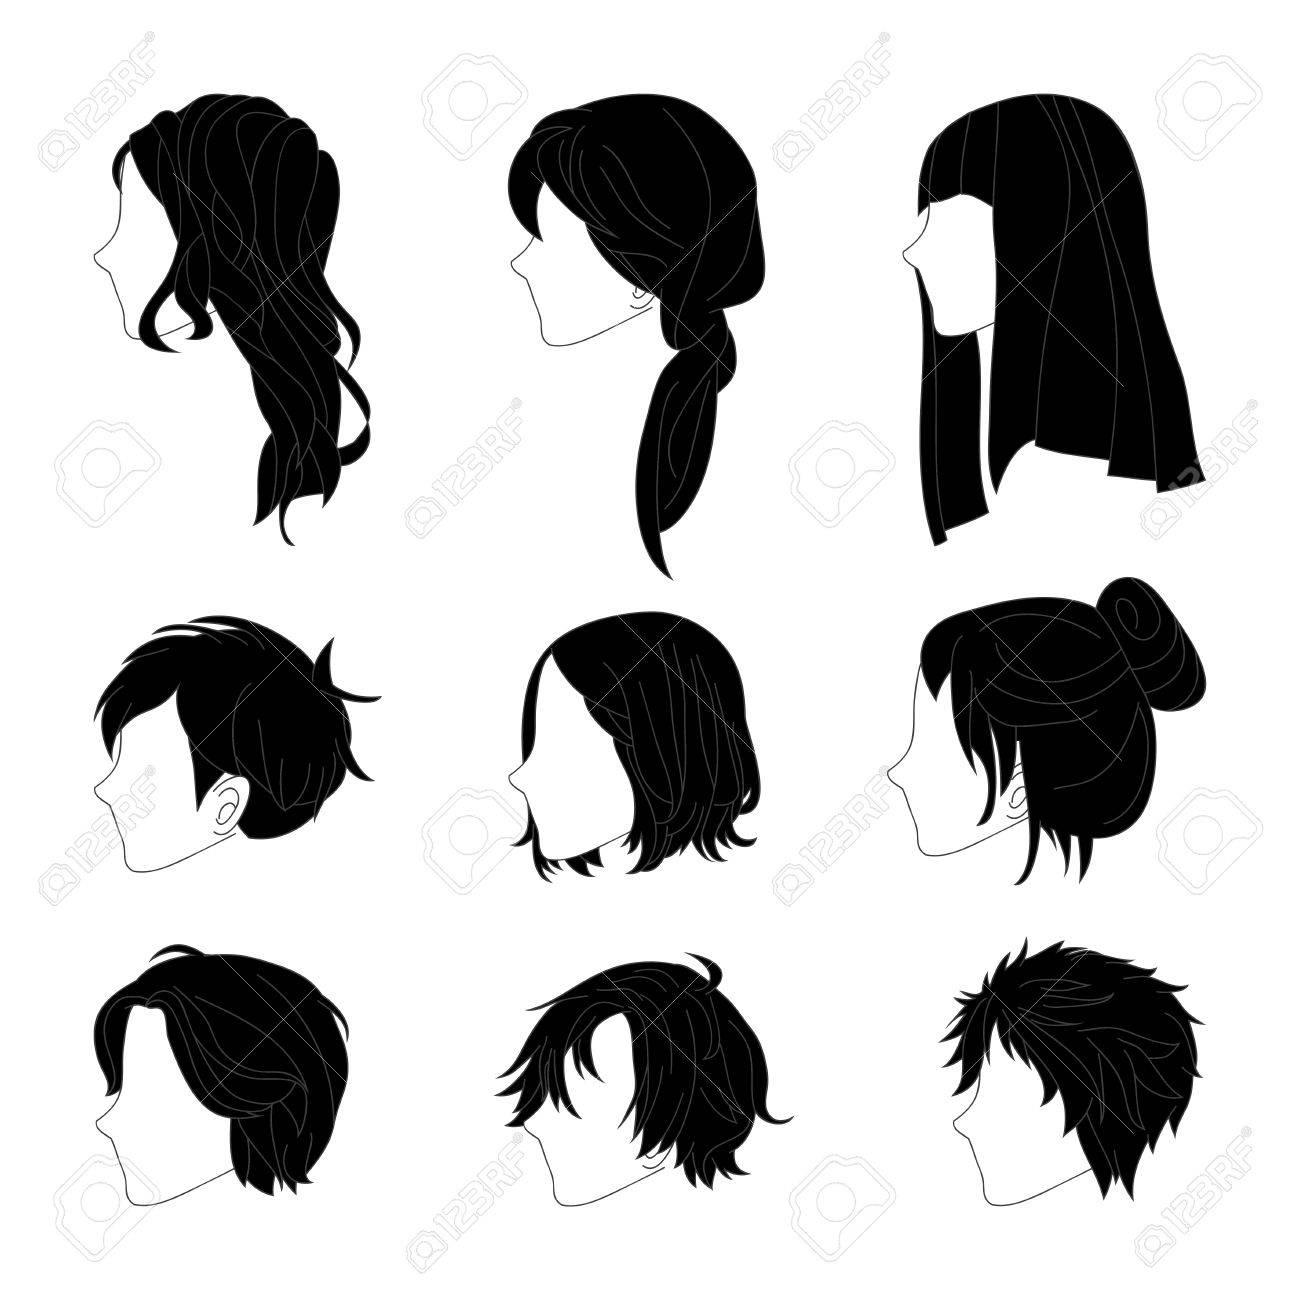 Coiffure Cote Vue Homme Et Jeu De Dessin De Cheveux Femme Cliparts